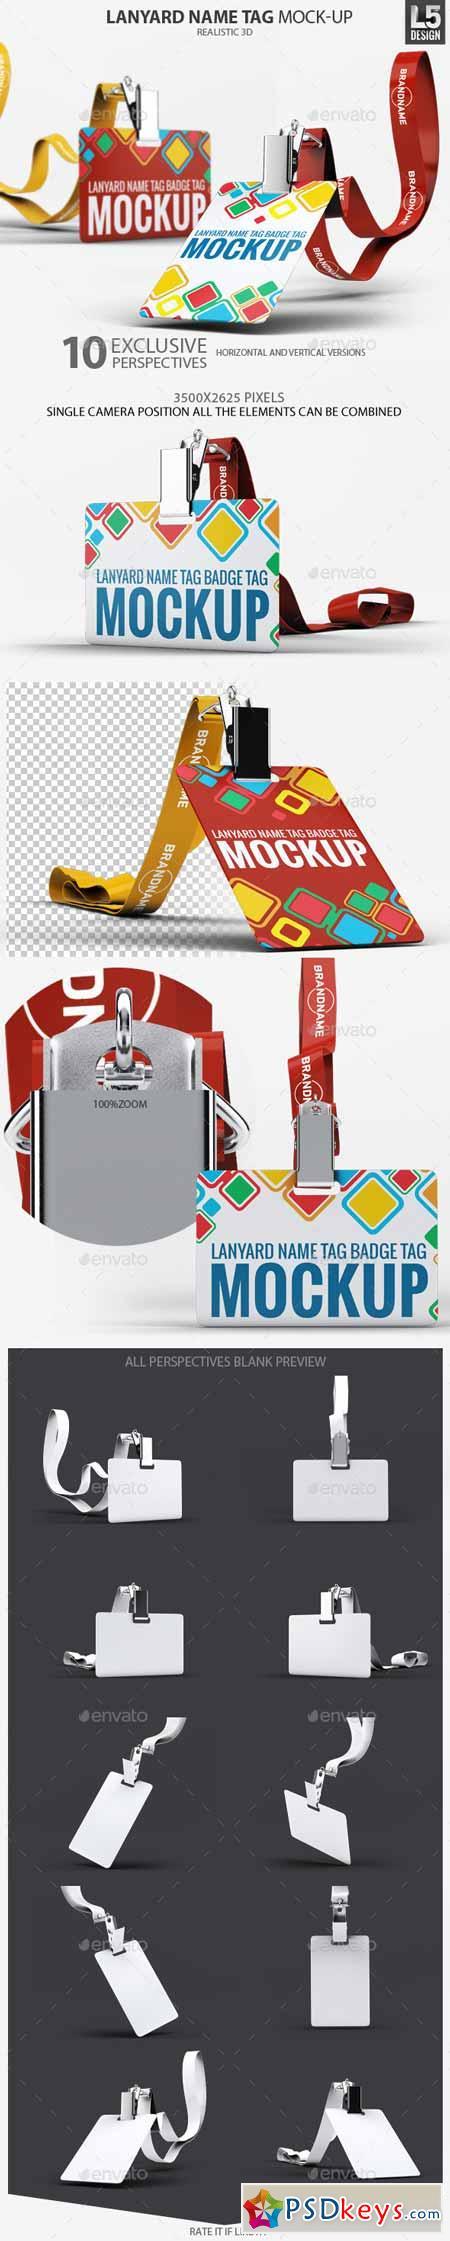 Lanyard Name Tag Badge Mockup 10855578